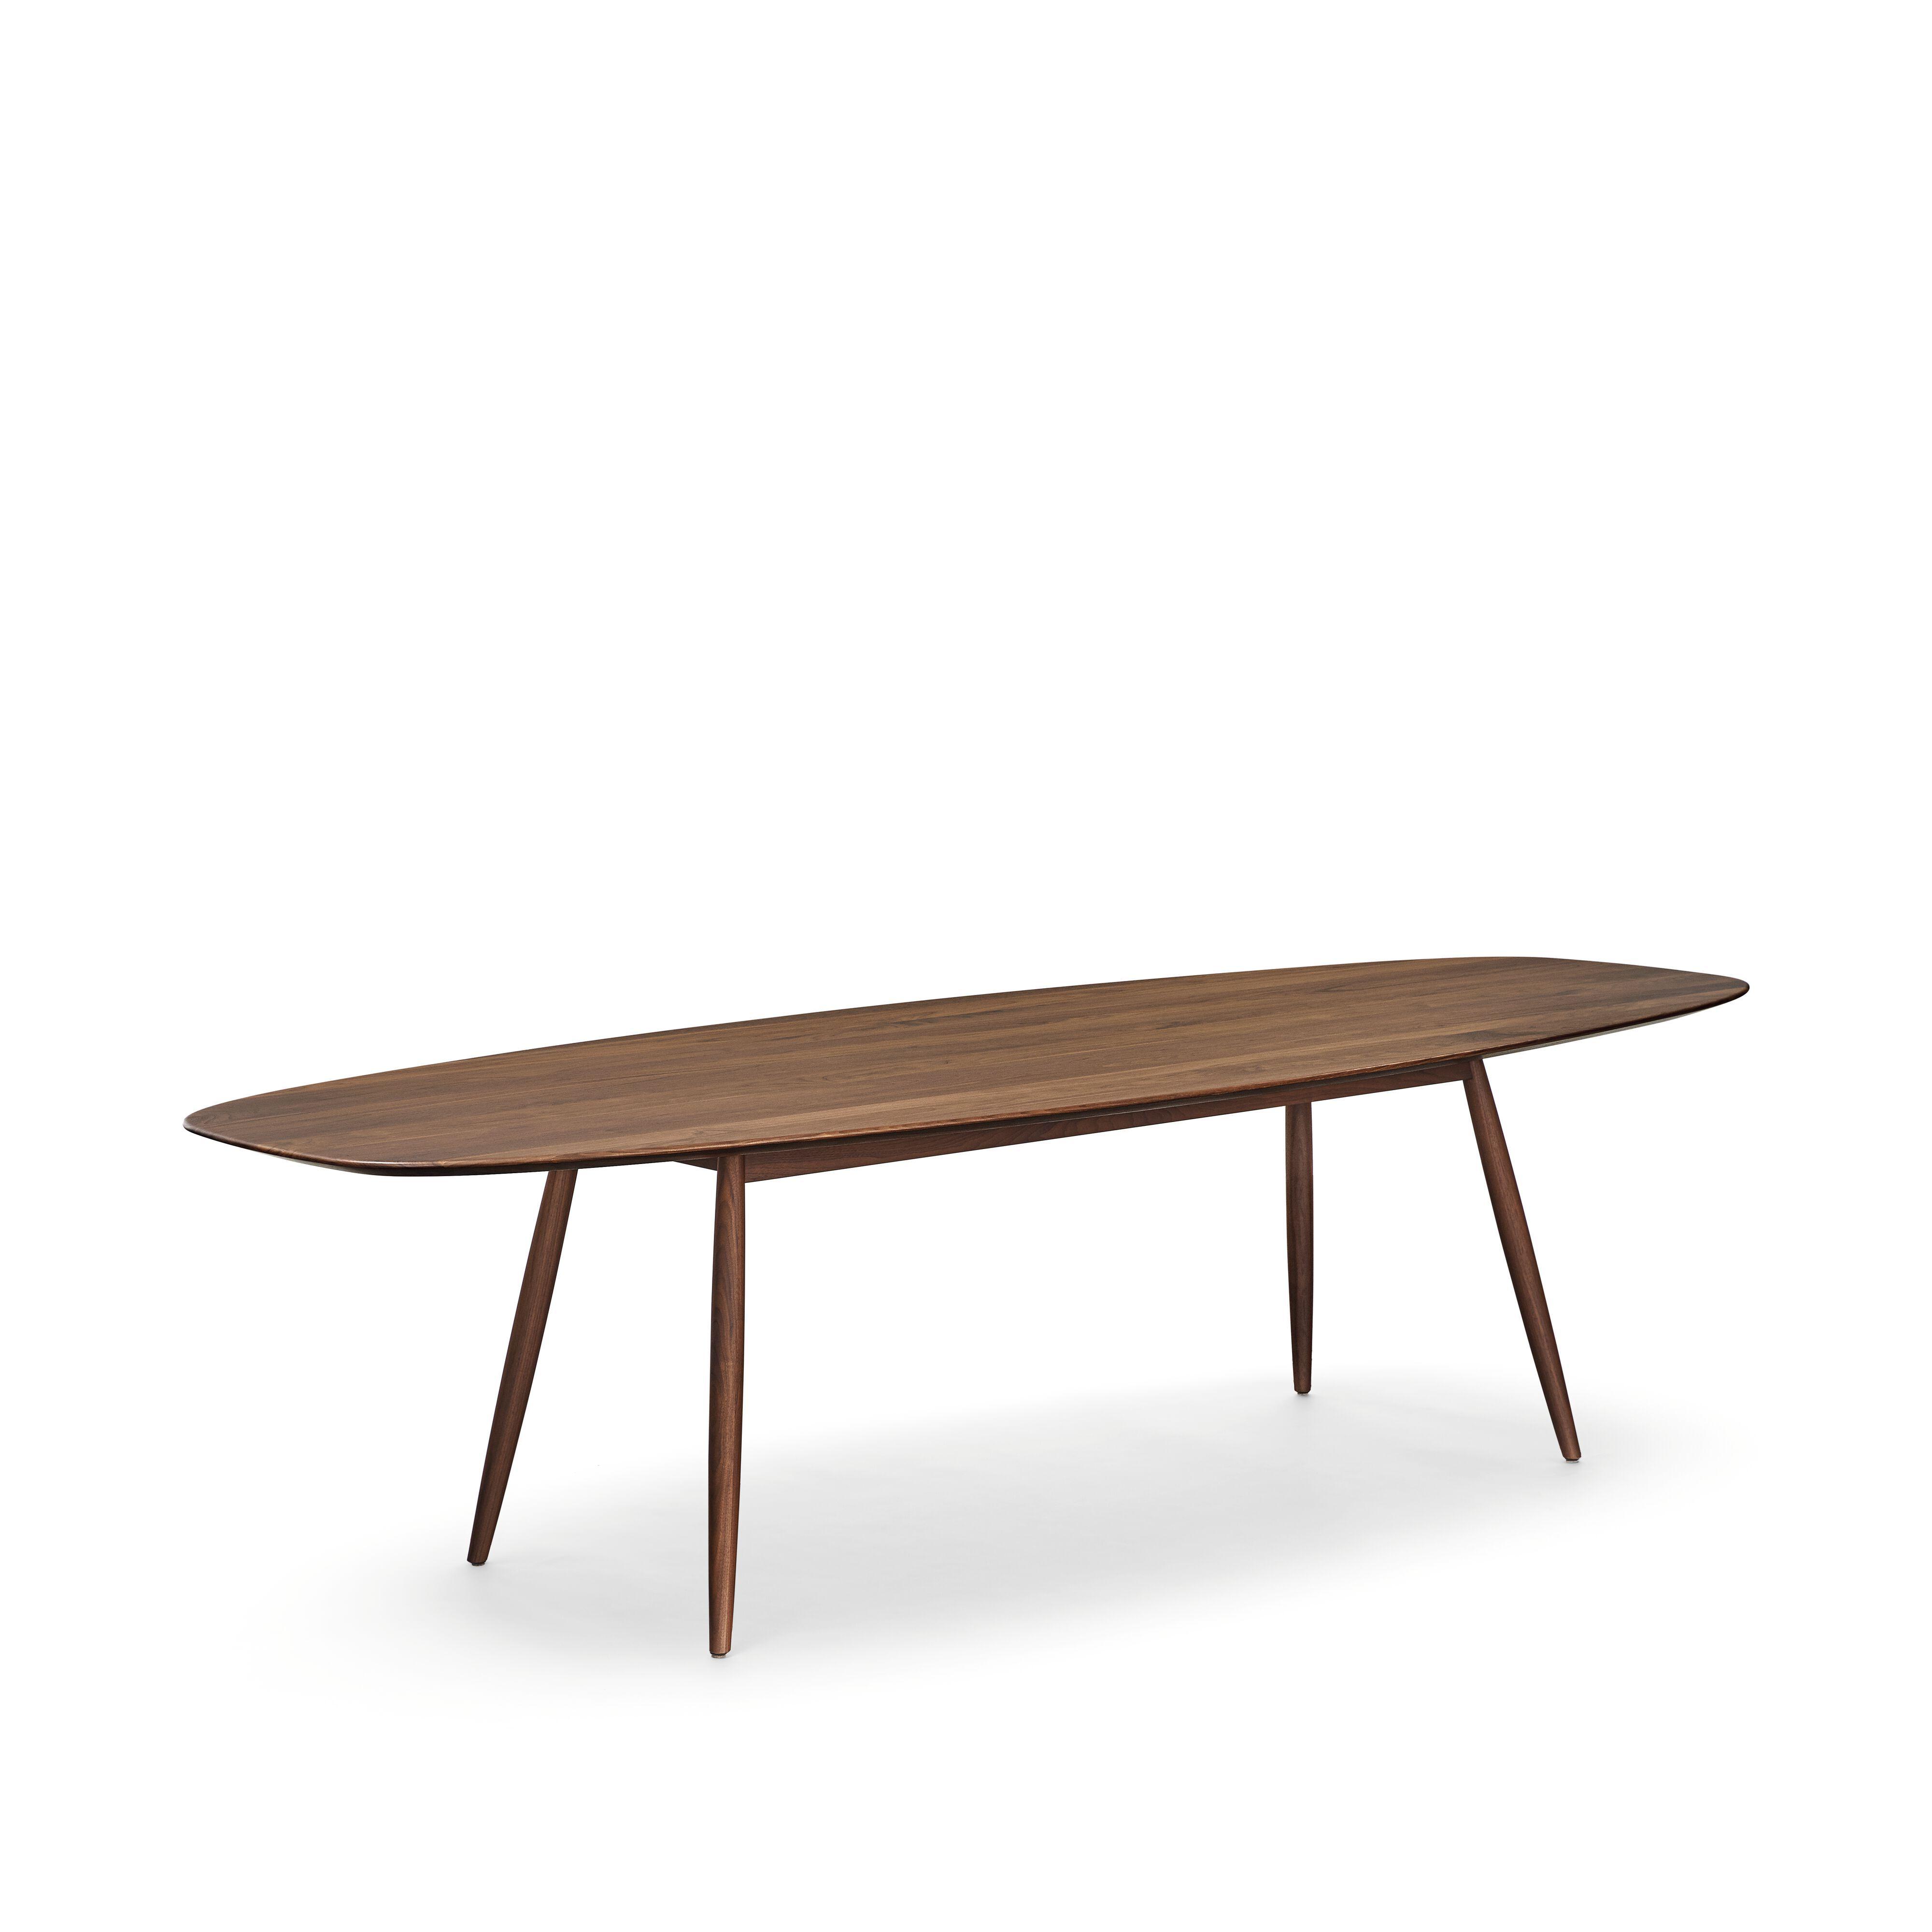 02-WK-Moualla_Table-0005-H.tif